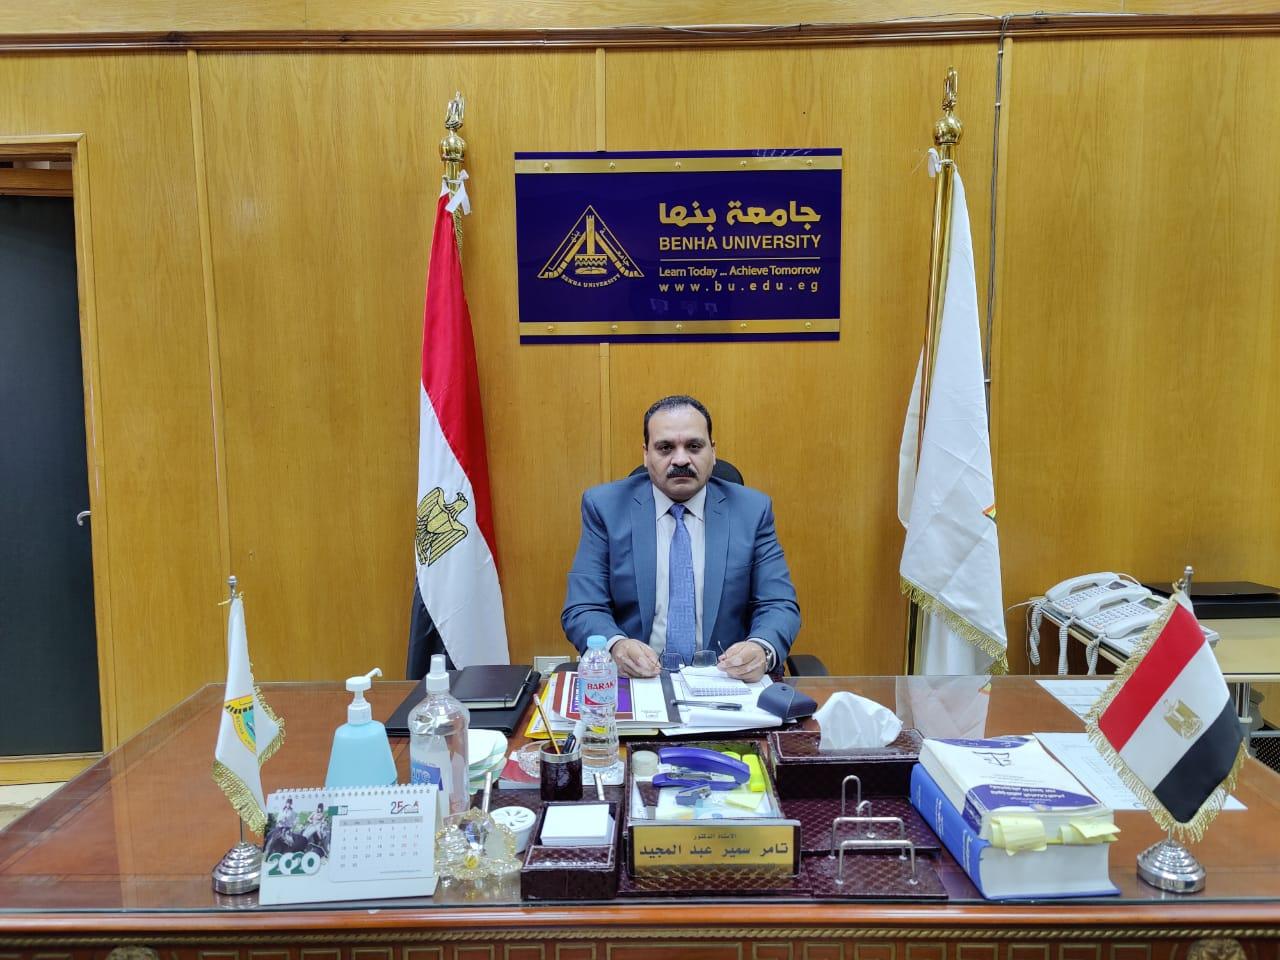 831 طالبا يخوضون انتخابات الاتحادات الطلابية بجامعة بنها